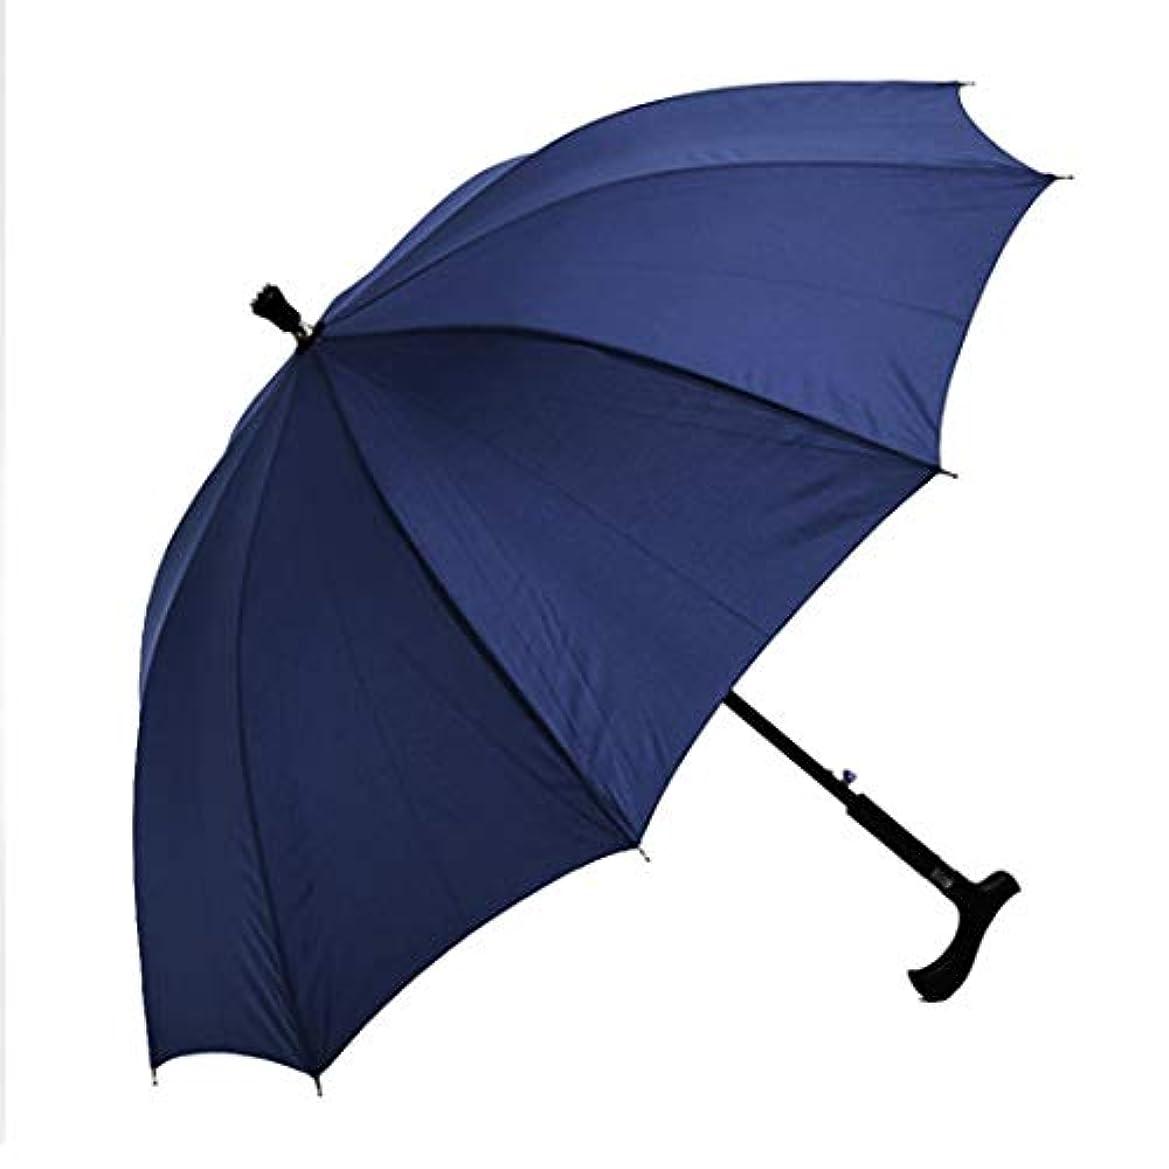 選出する絶対に機構comentrisyz 2-in-1 クライミング ハイキング スティック 松葉杖 防風雨 サン 傘 - ブルー